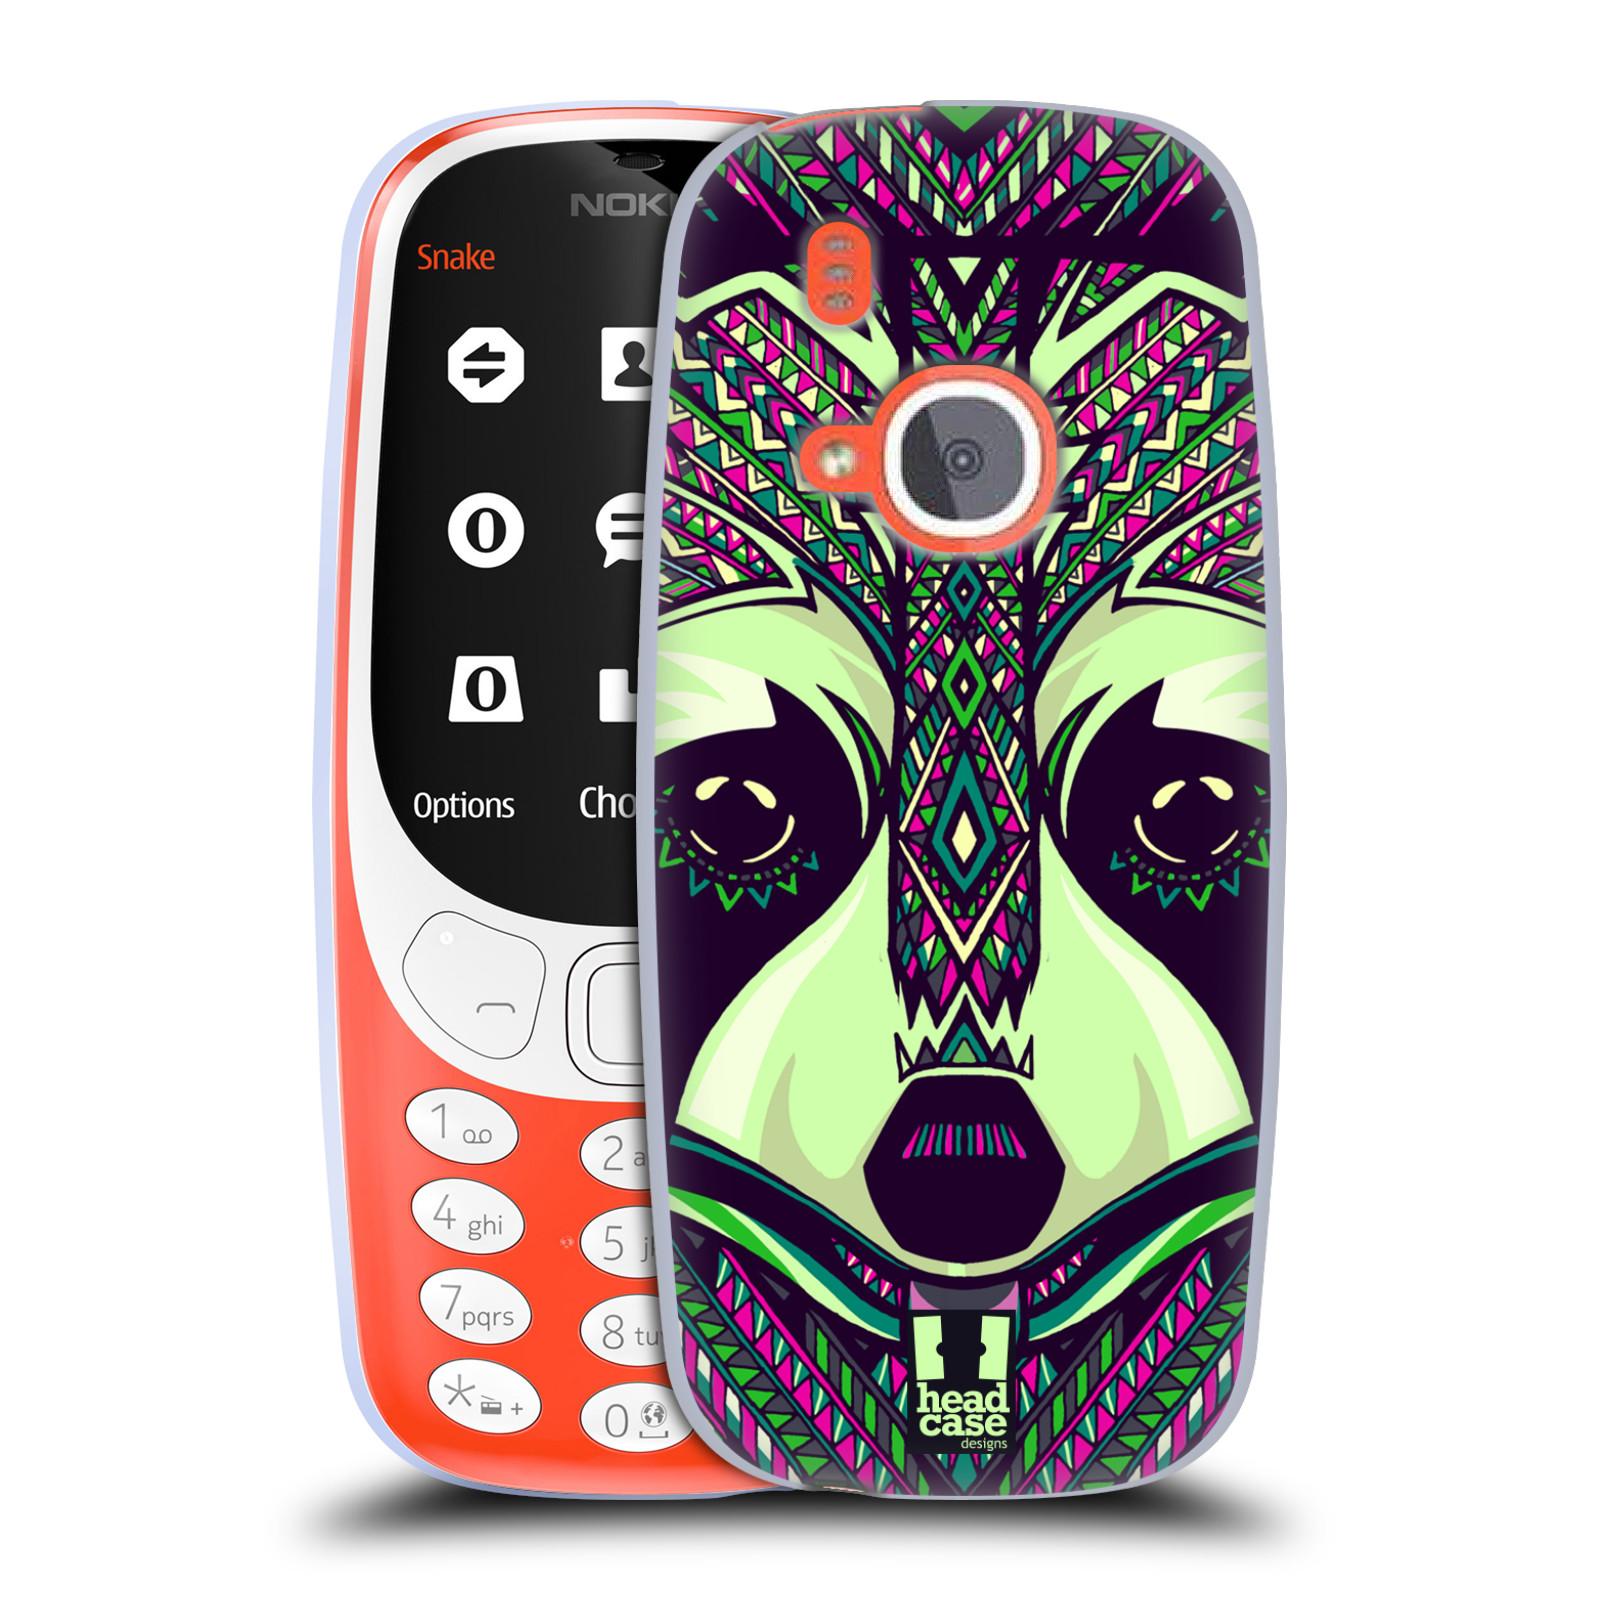 Silikonové pouzdro na mobil Nokia 3310 - Head Case - AZTEC MÝVAL (Silikonový kryt či obal na mobilní telefon Nokia 3310 (2017) s motivem AZTEC MÝVAL)